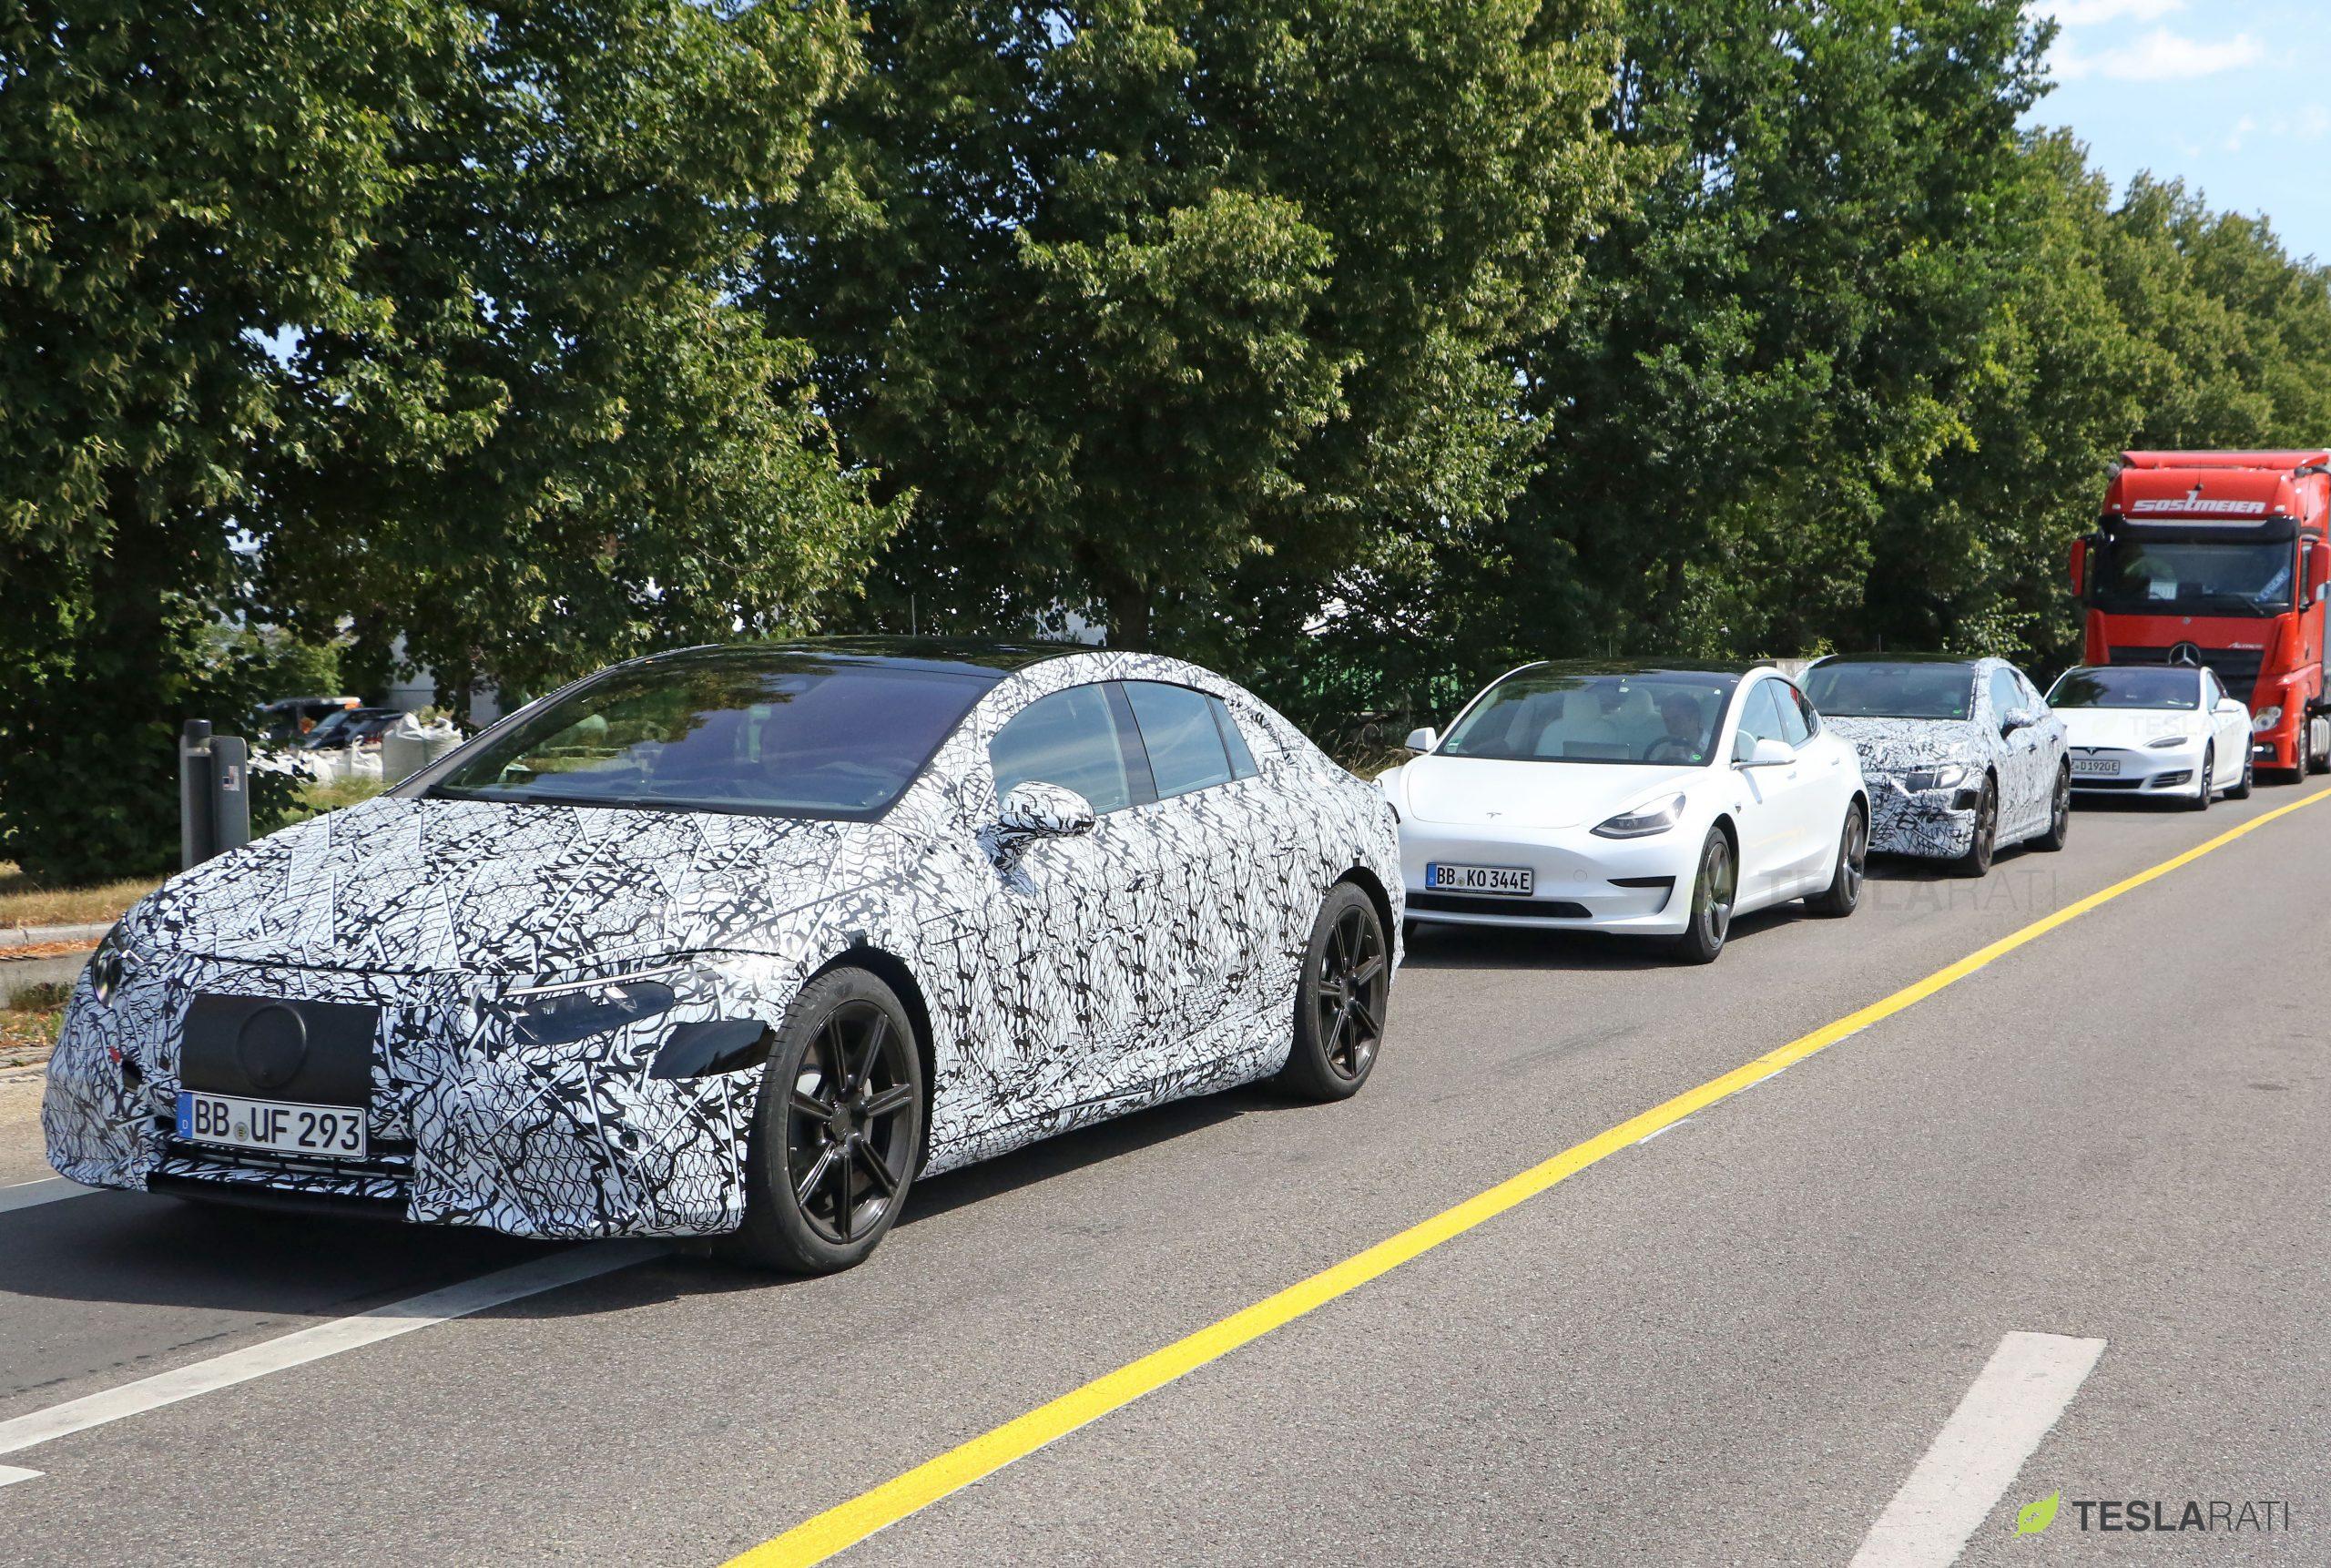 Mercedes-EQS-vs-Tesla-Model-S-Model-3